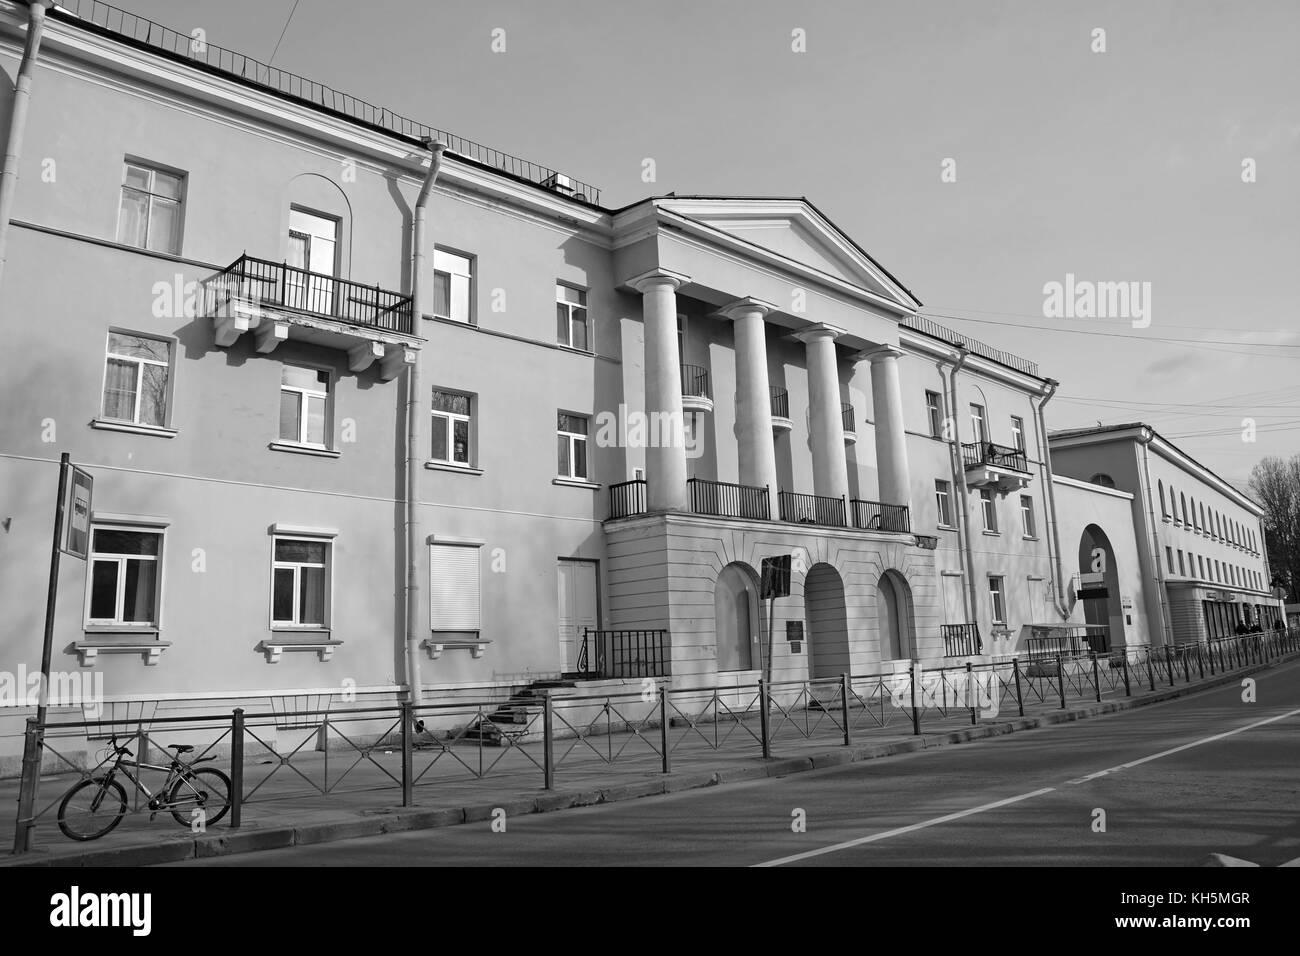 Zelenogorsk, prospekt Lenina. Black and white picture Stock Photo